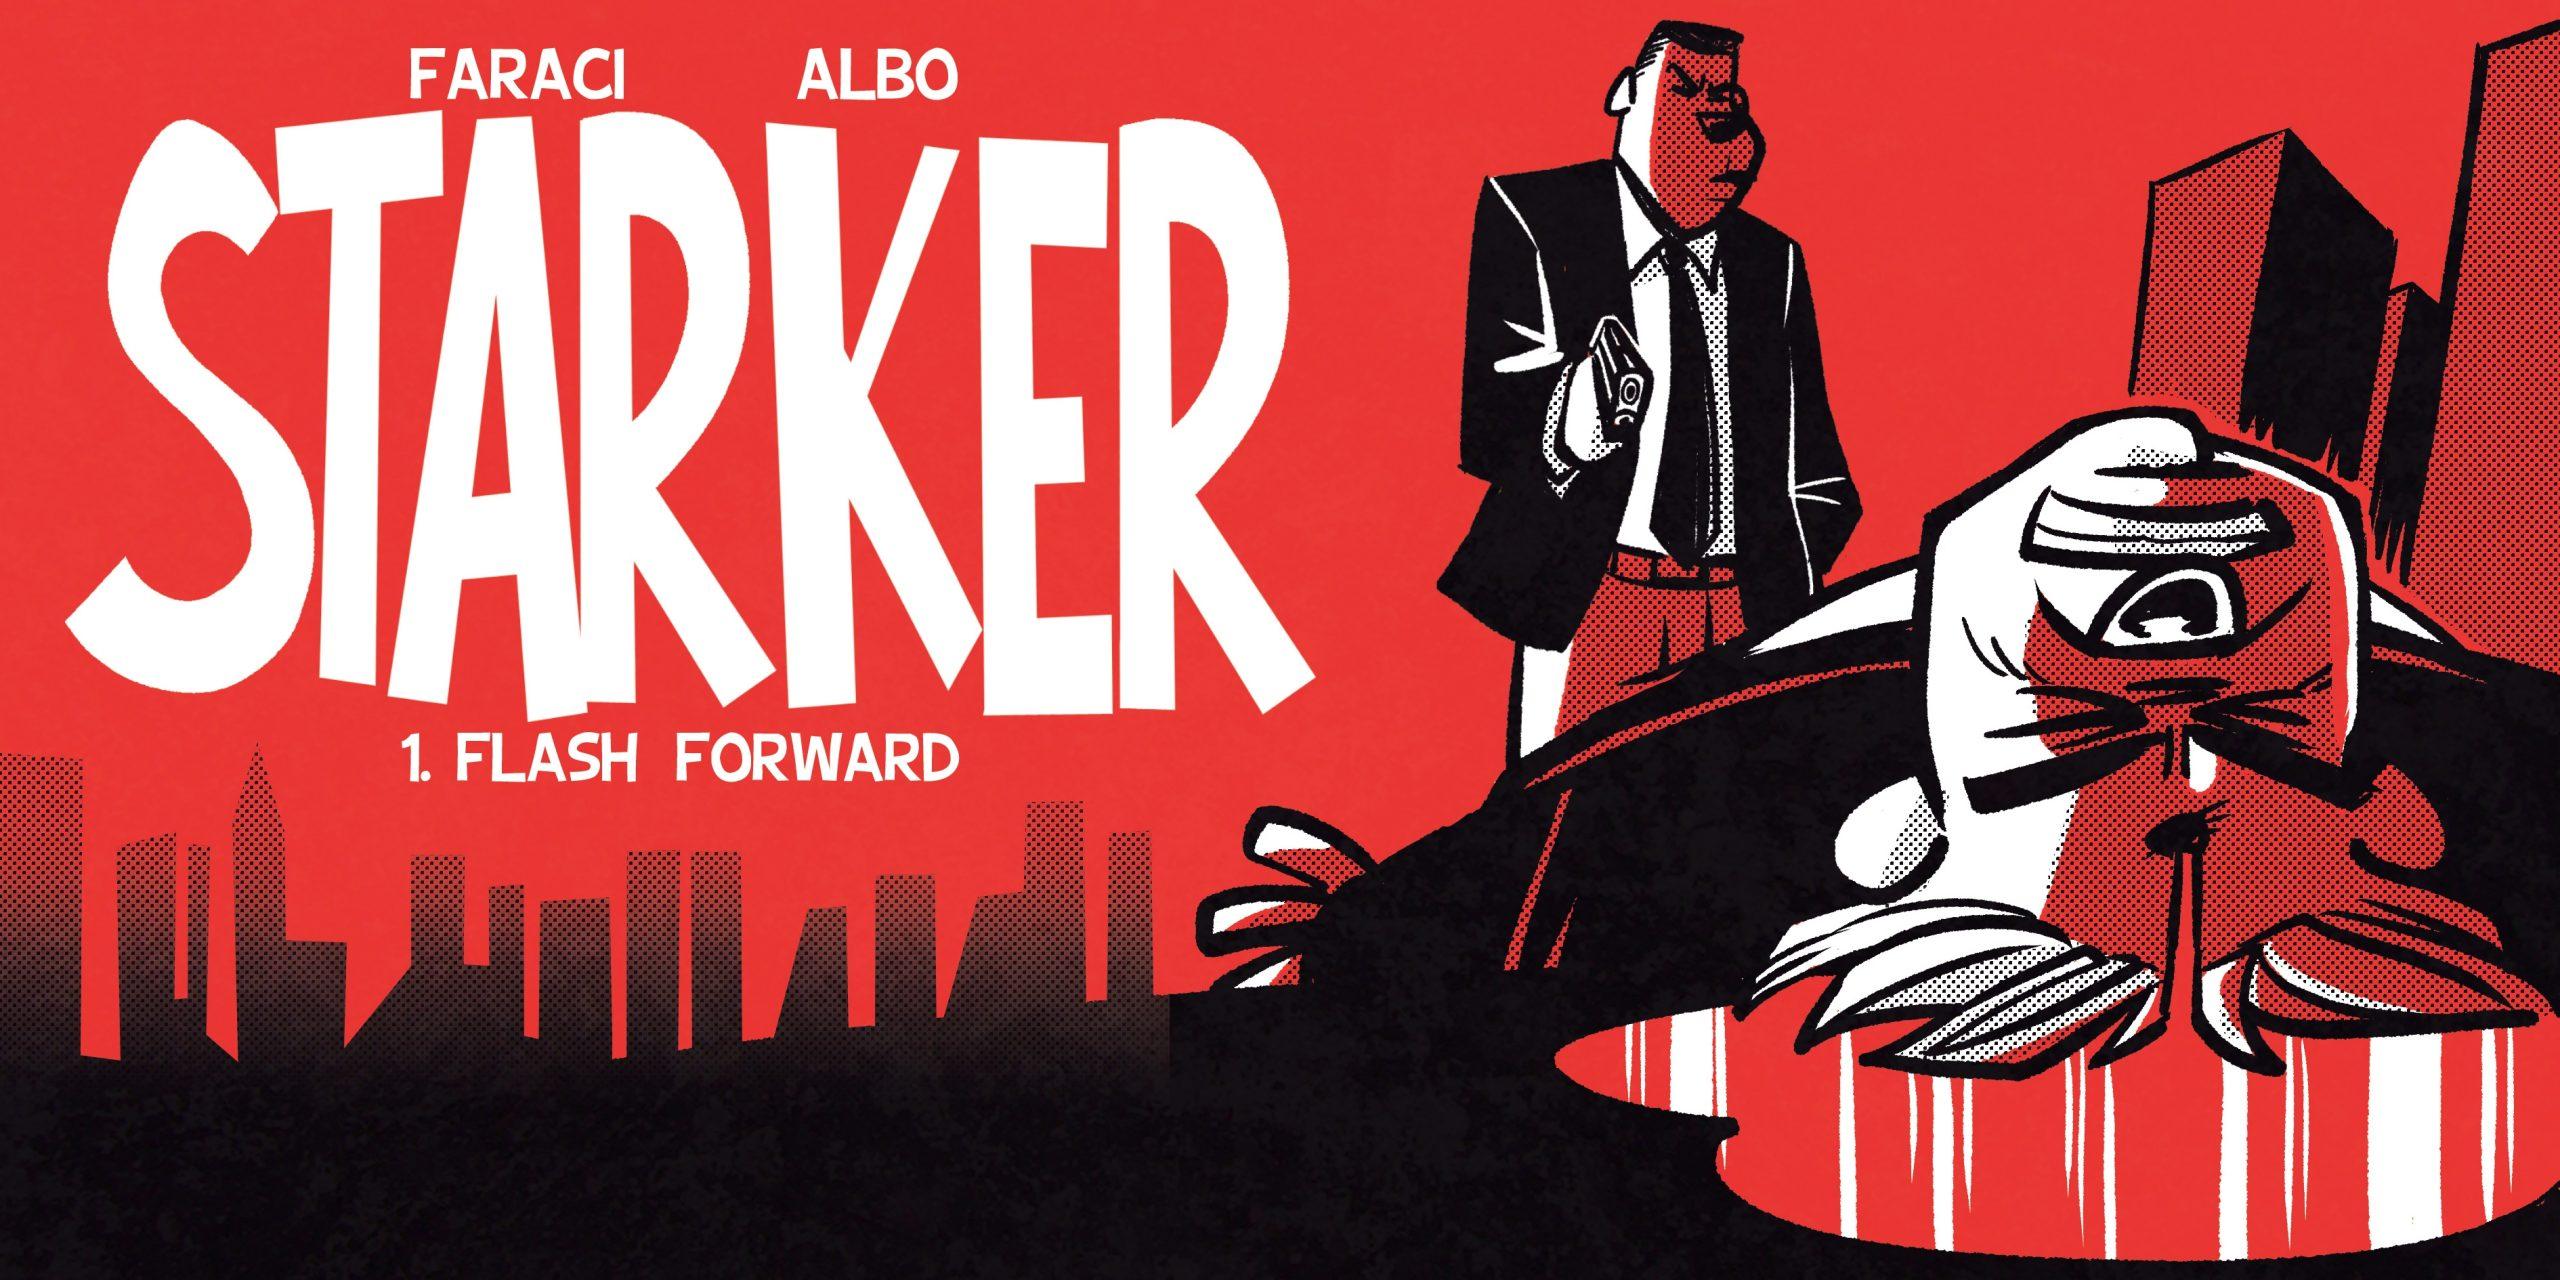 Offtoporece – Starker, morire oggi (Tito Faraci, Albo)